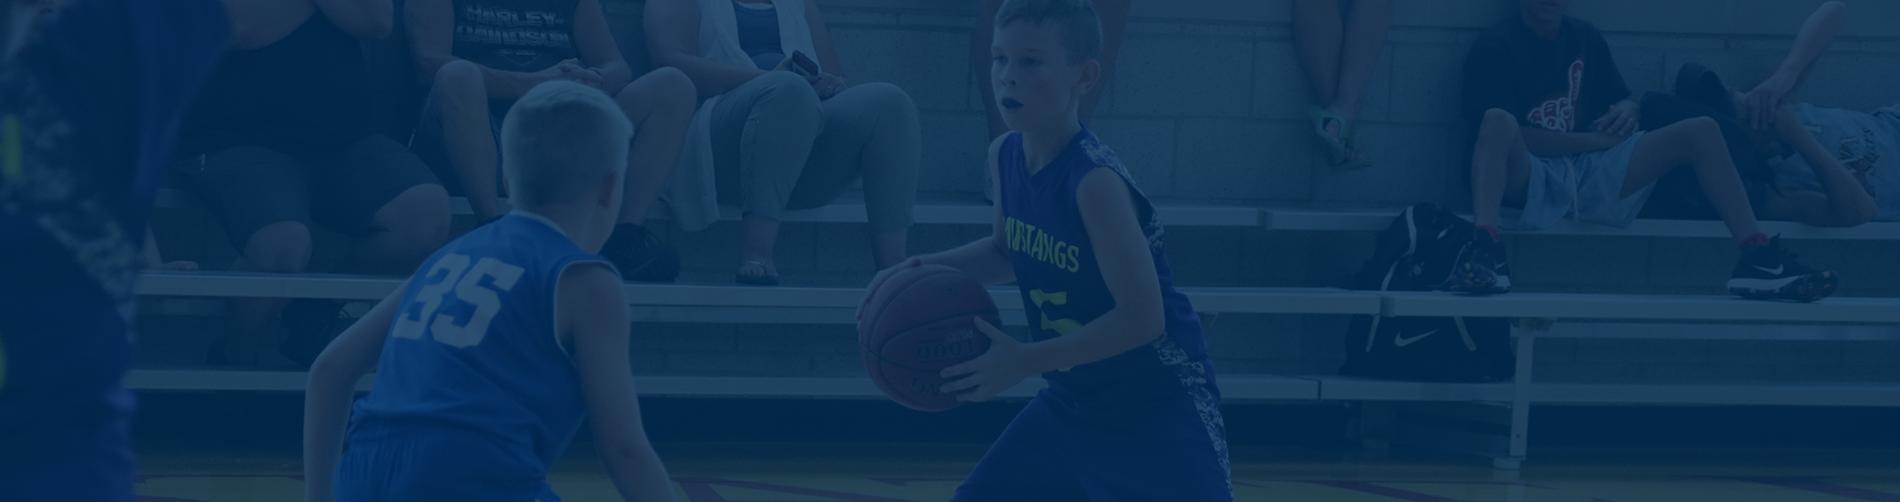 Basketball 5 on 5